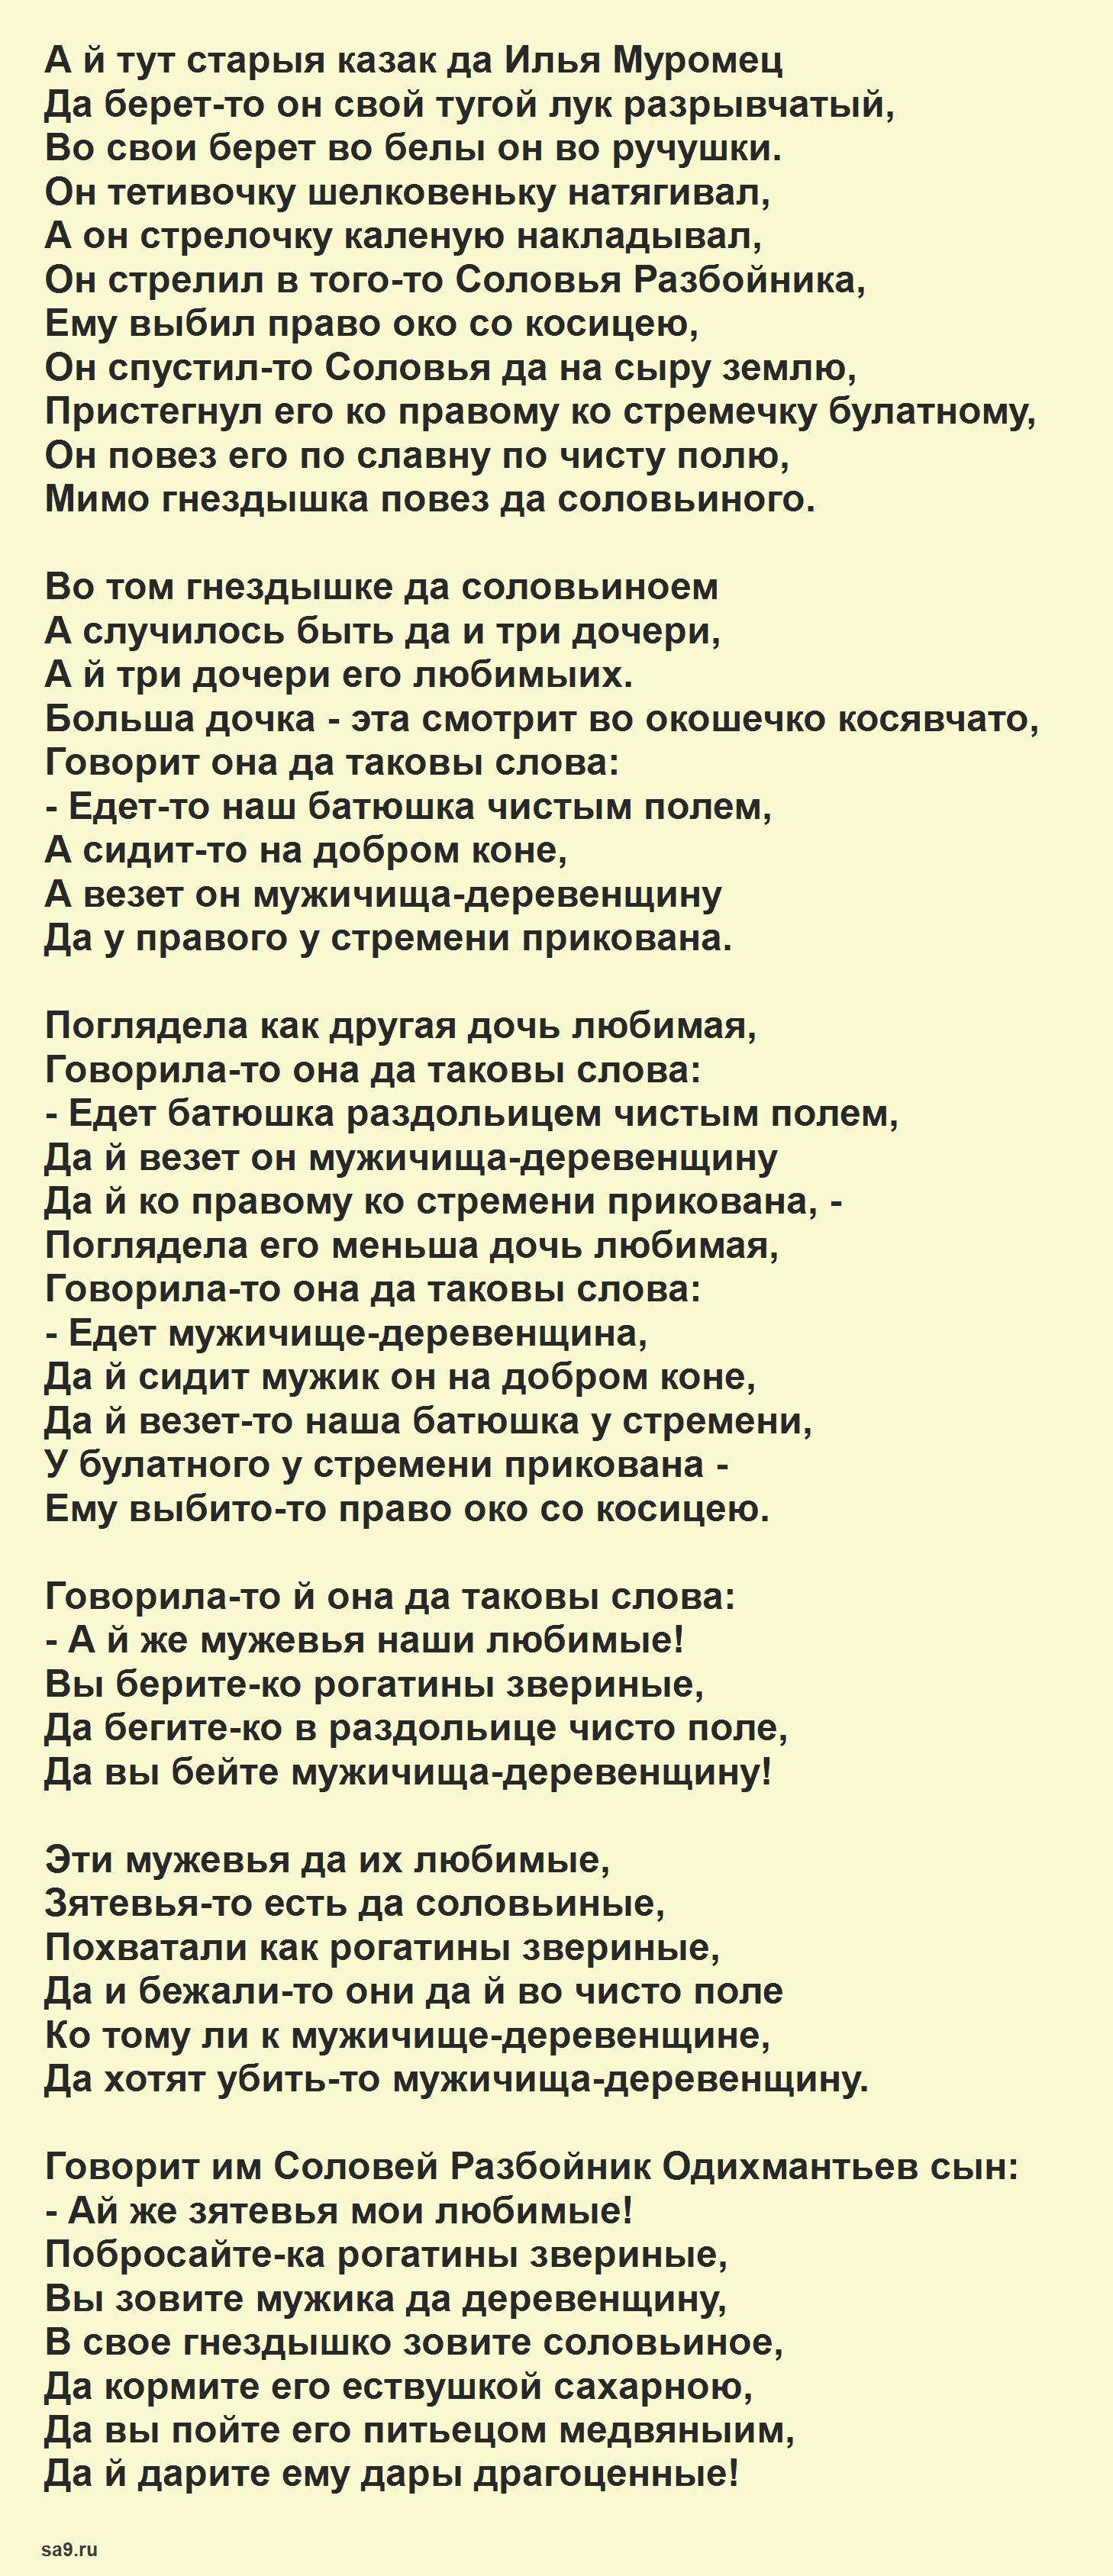 Читать былину - Илья Муромец и Соловей Разбойник, полностью